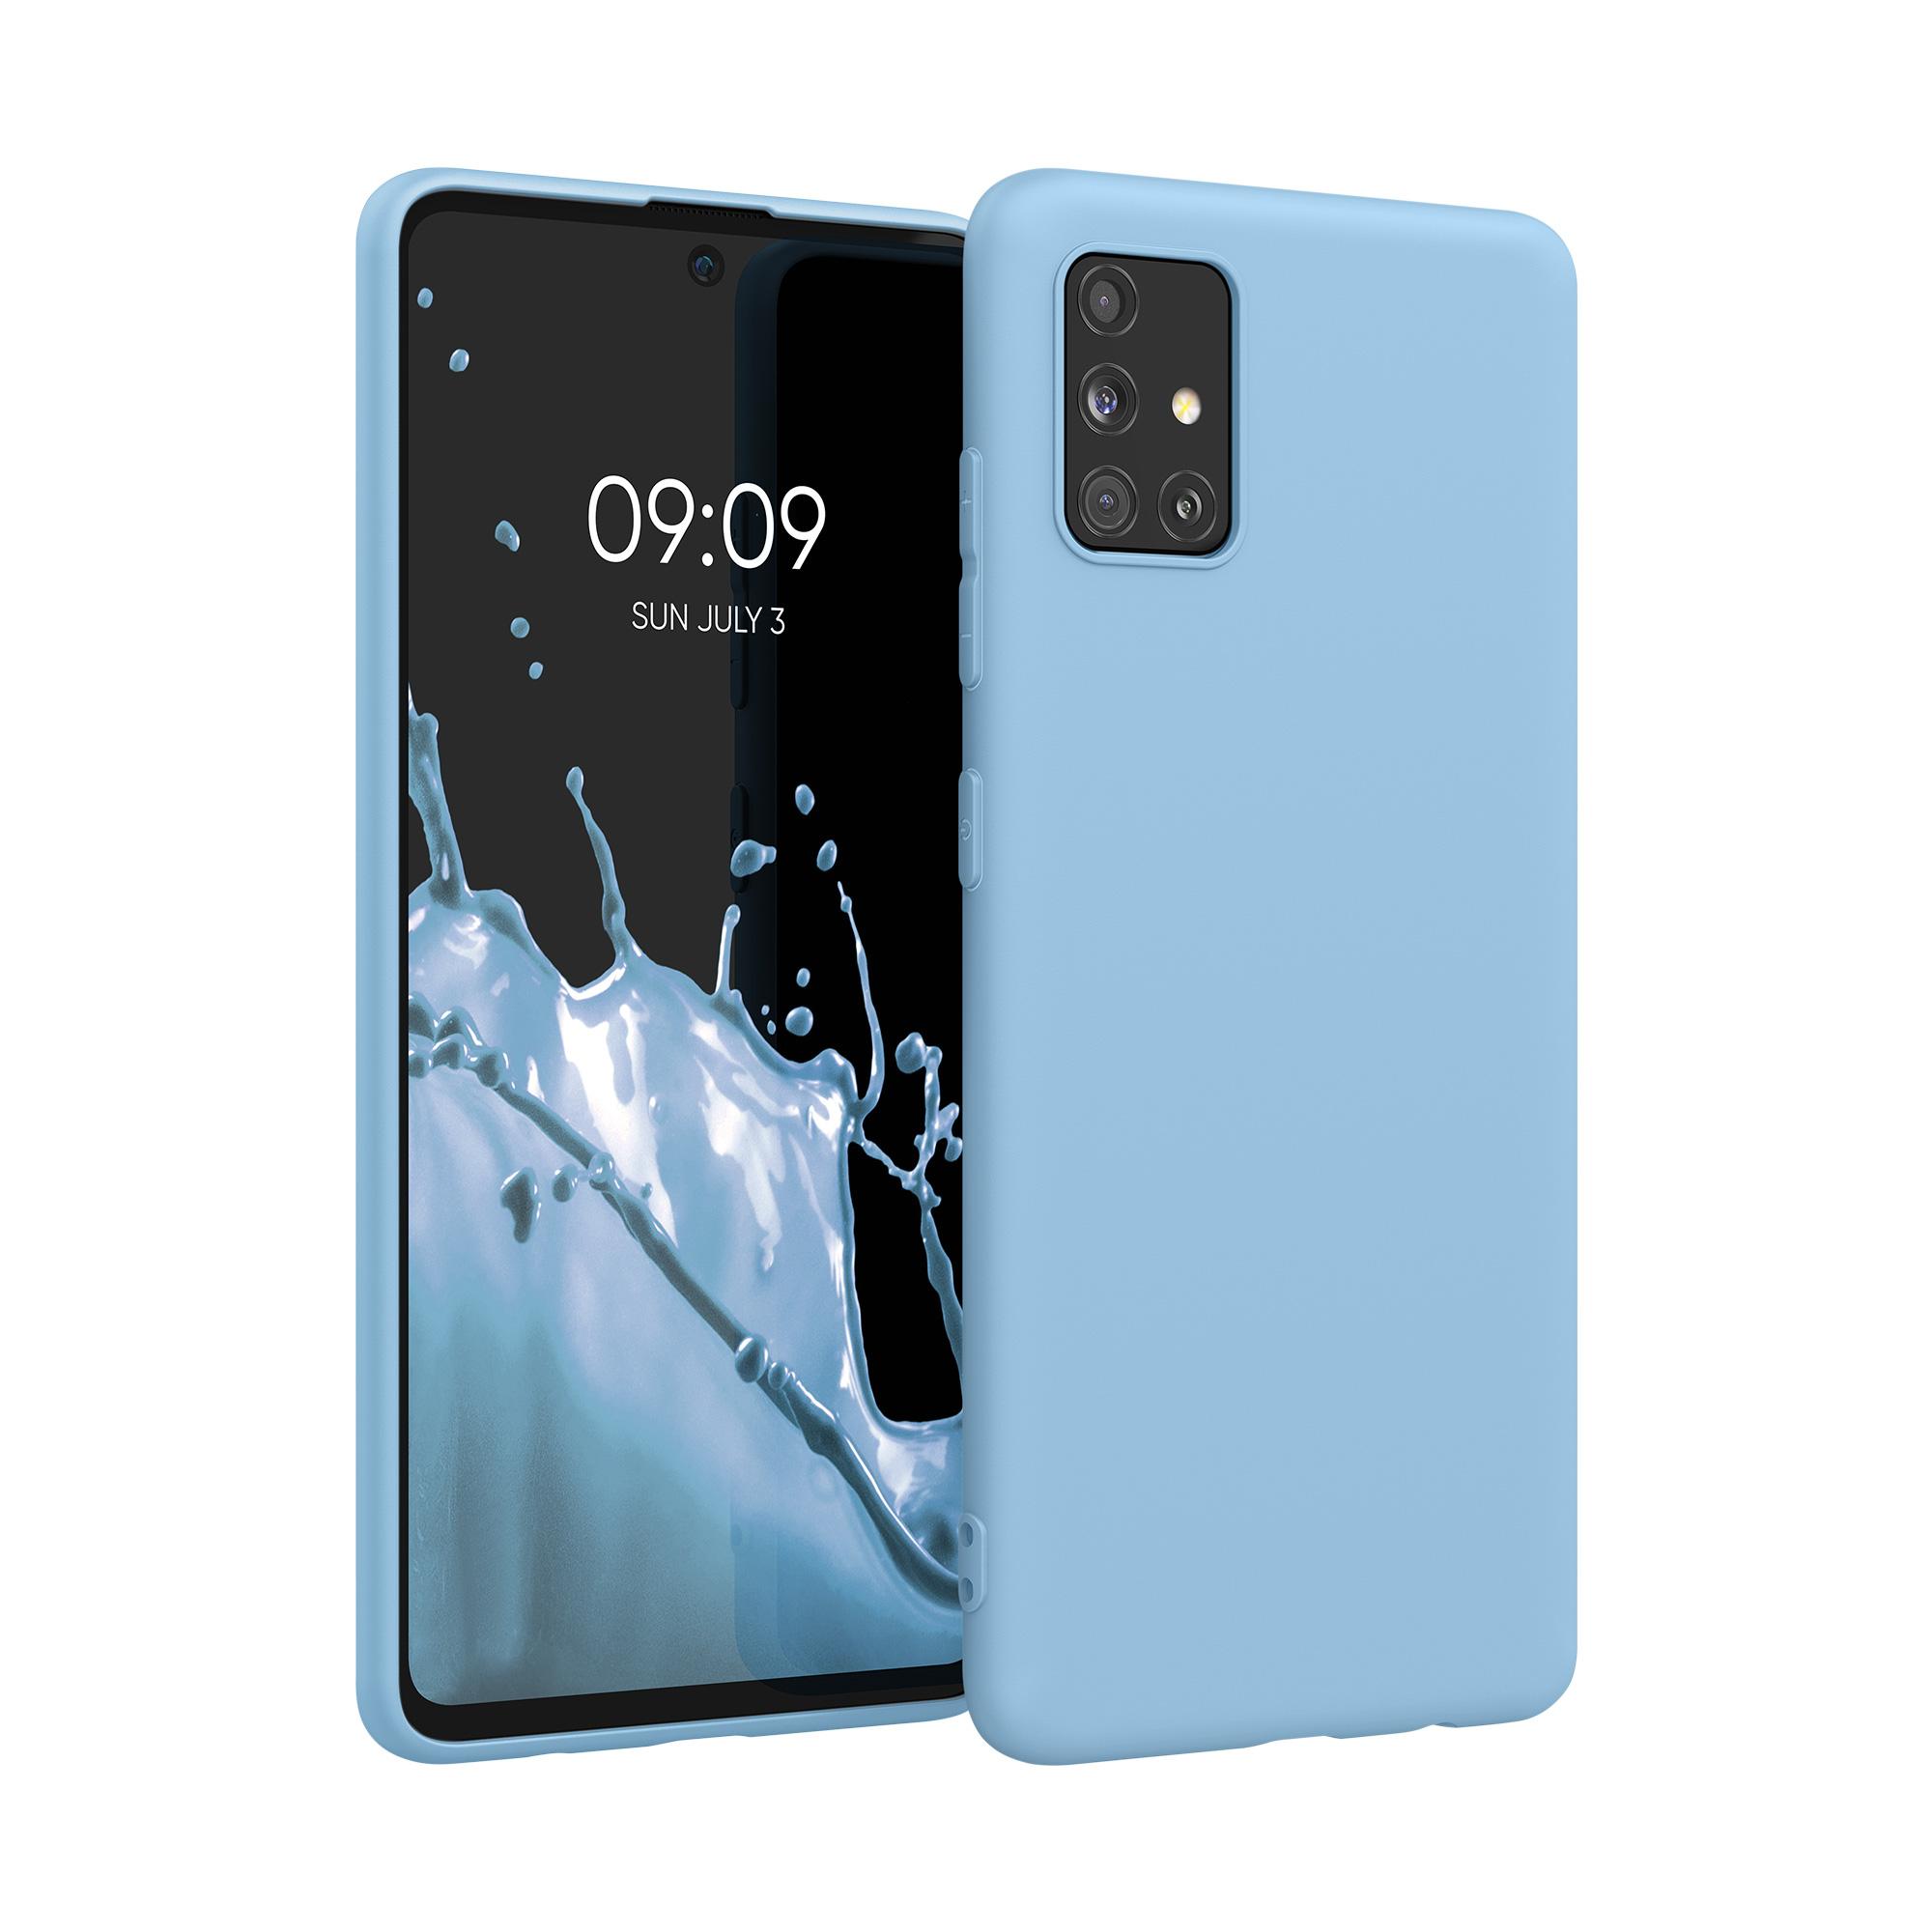 Blankytně modré silikonové pouzdro / obal pro Samsung Galaxy A51